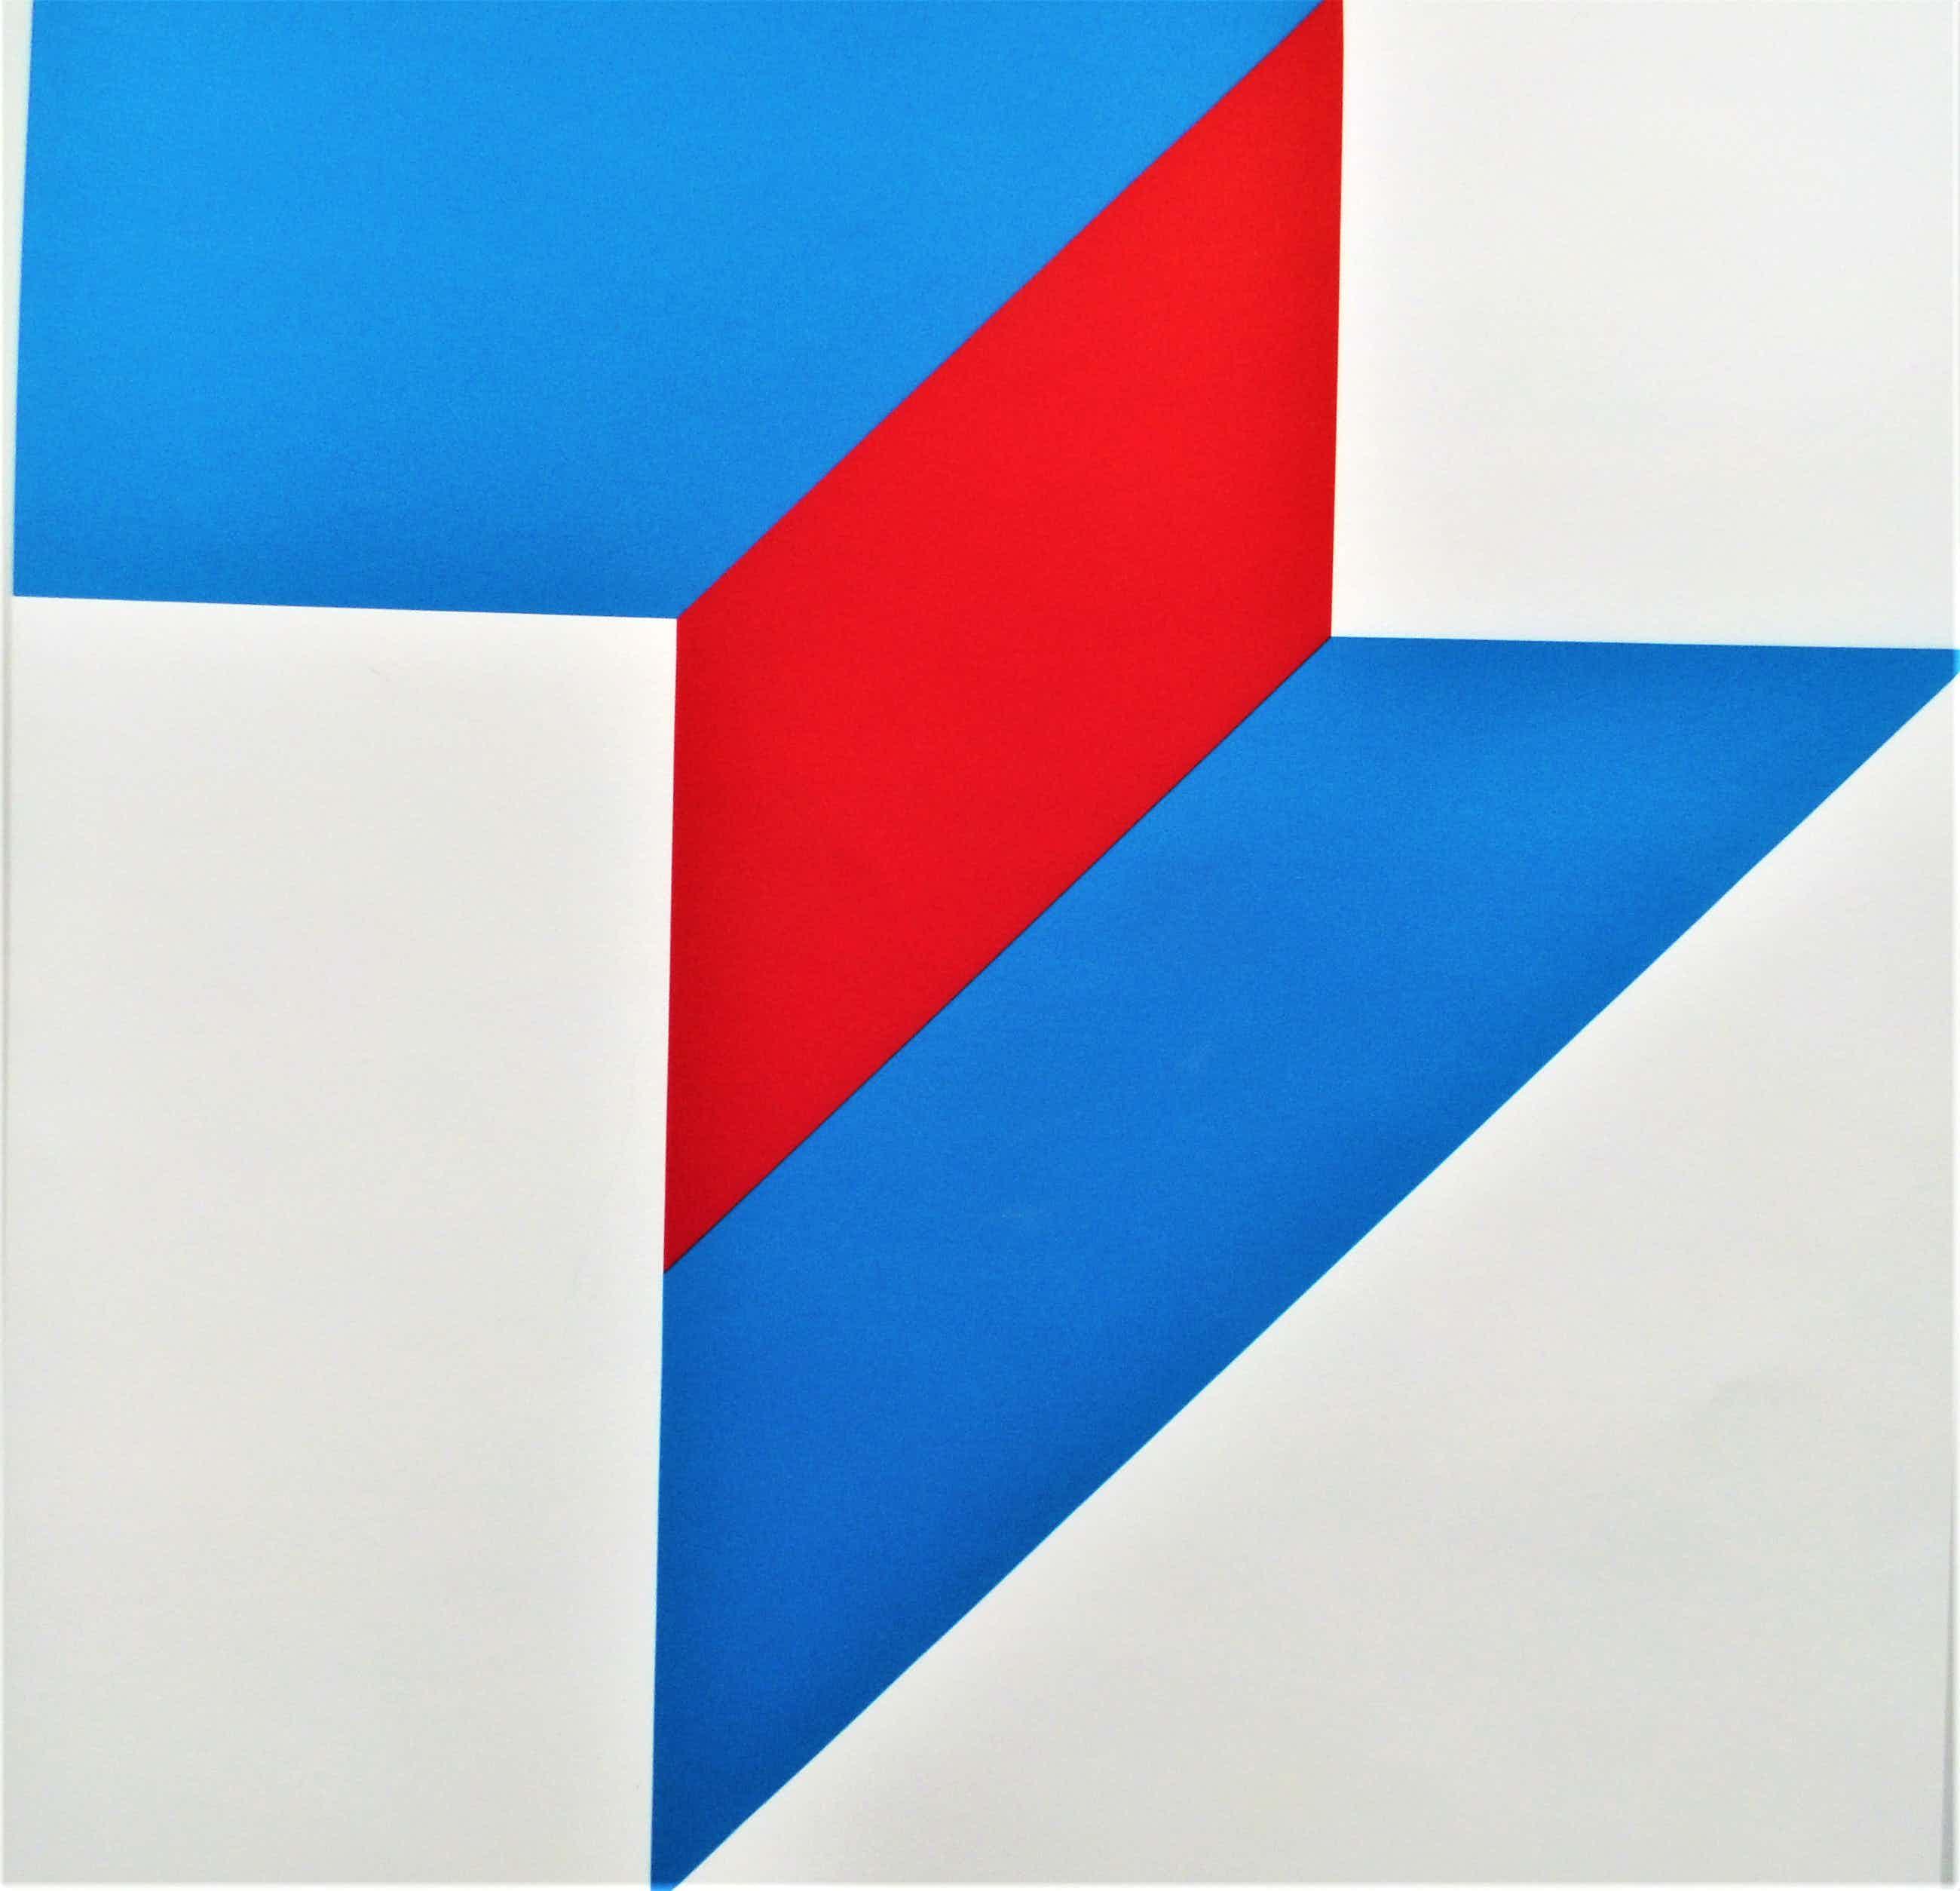 Bob Bonies - Abstract Blauw rood kopen? Bied vanaf 95!